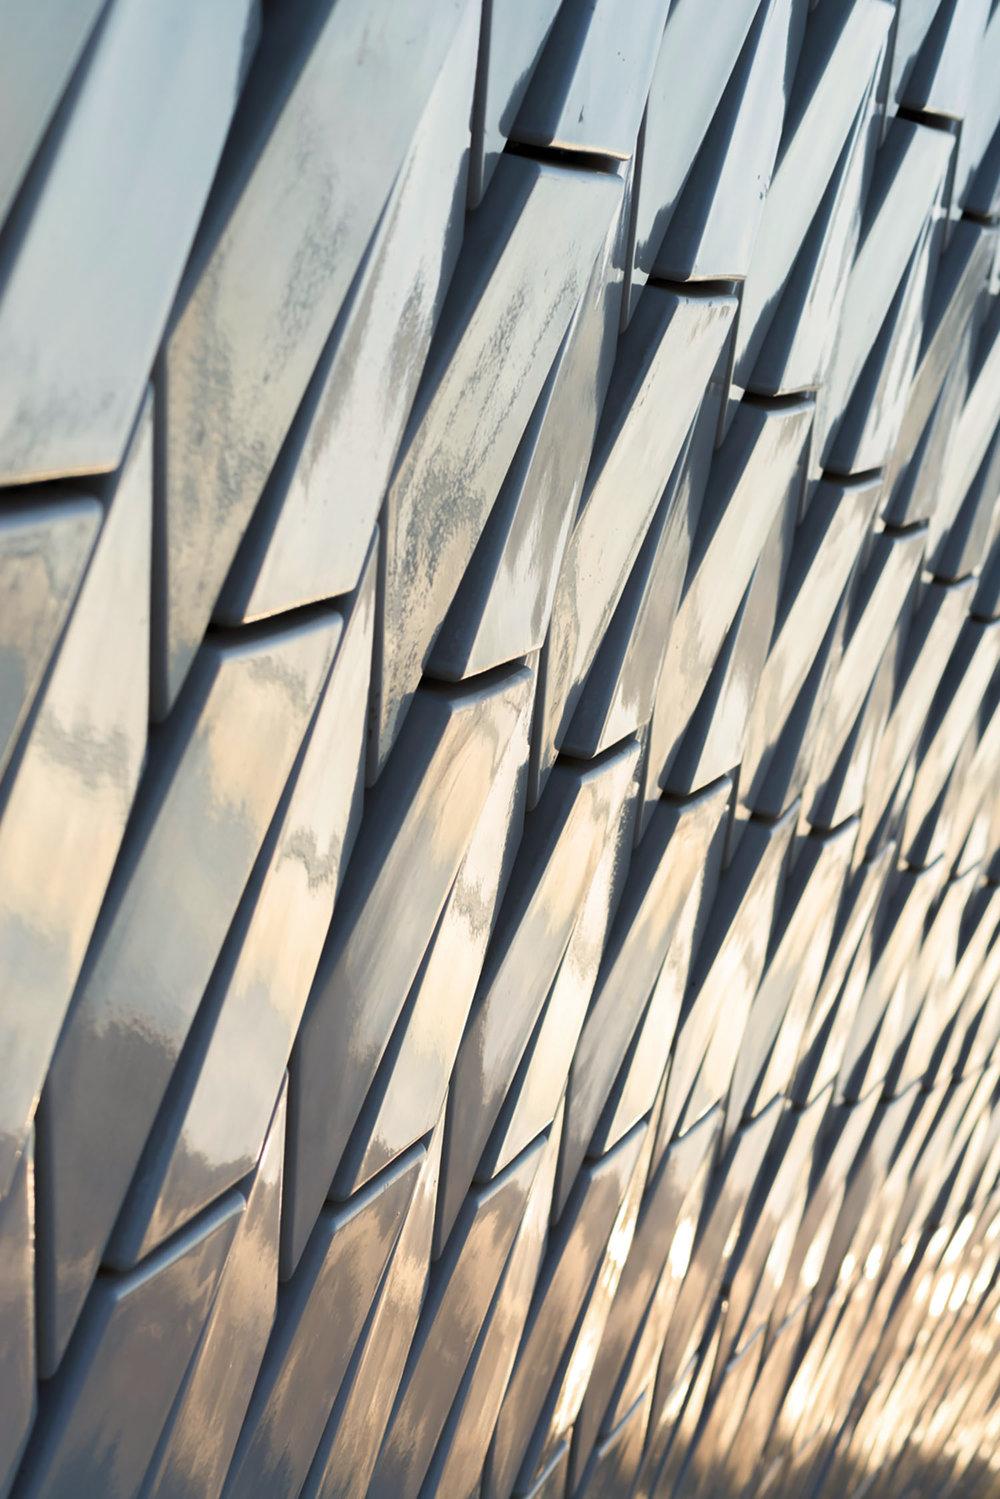 maat-museum-morning-exterior-photography-5.jpg